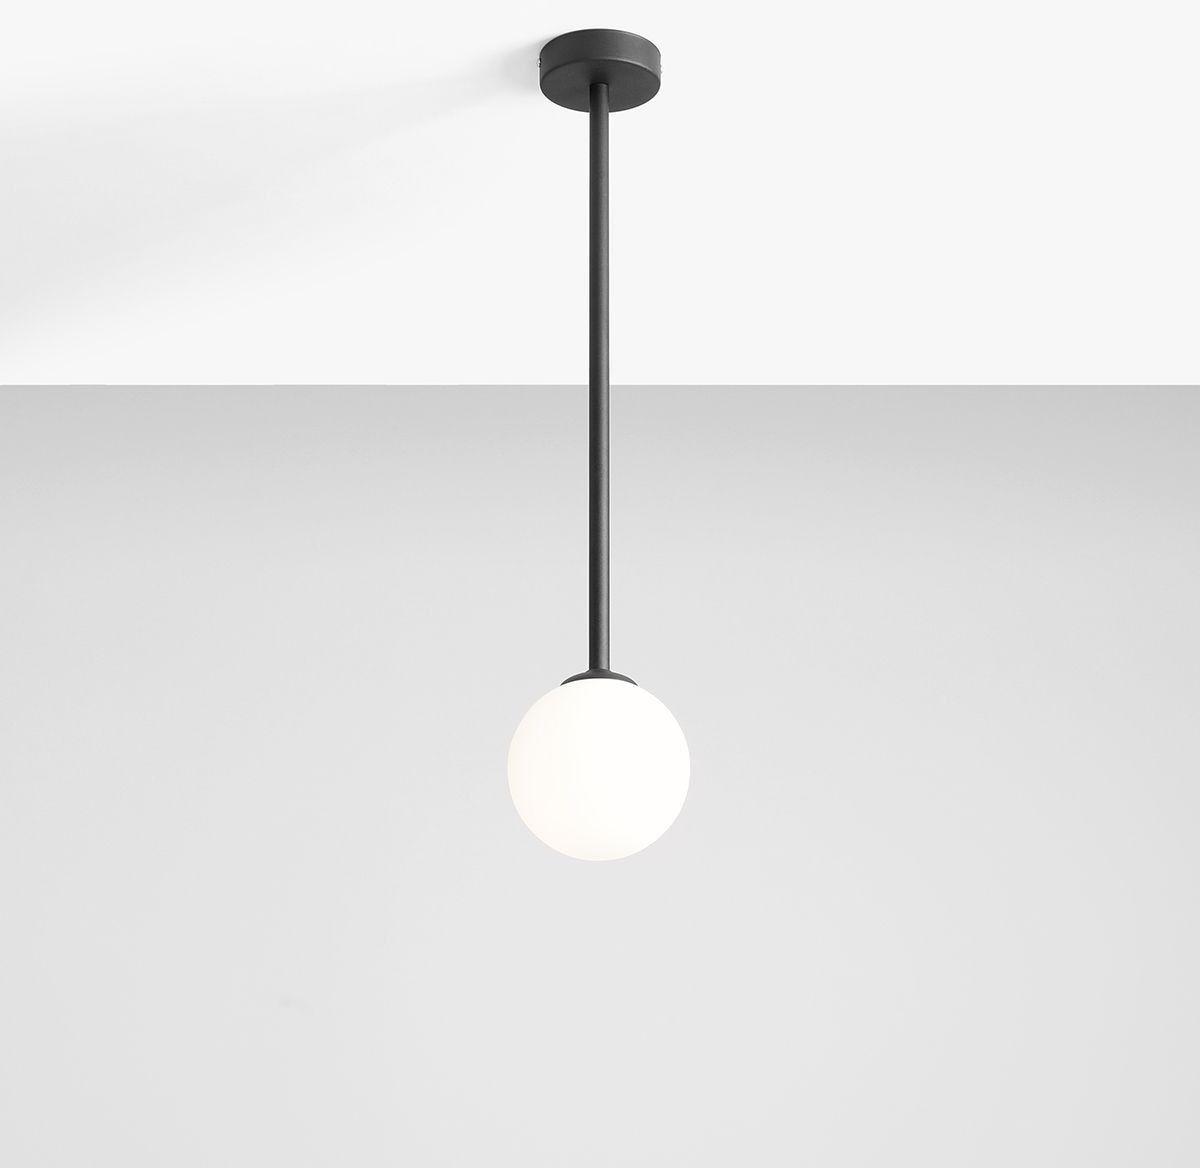 Pinne lampa wisząca czarna 1080PL/G1/M - Aldex Do -17% rabatu w koszyku i darmowa dostawa od 299zł !